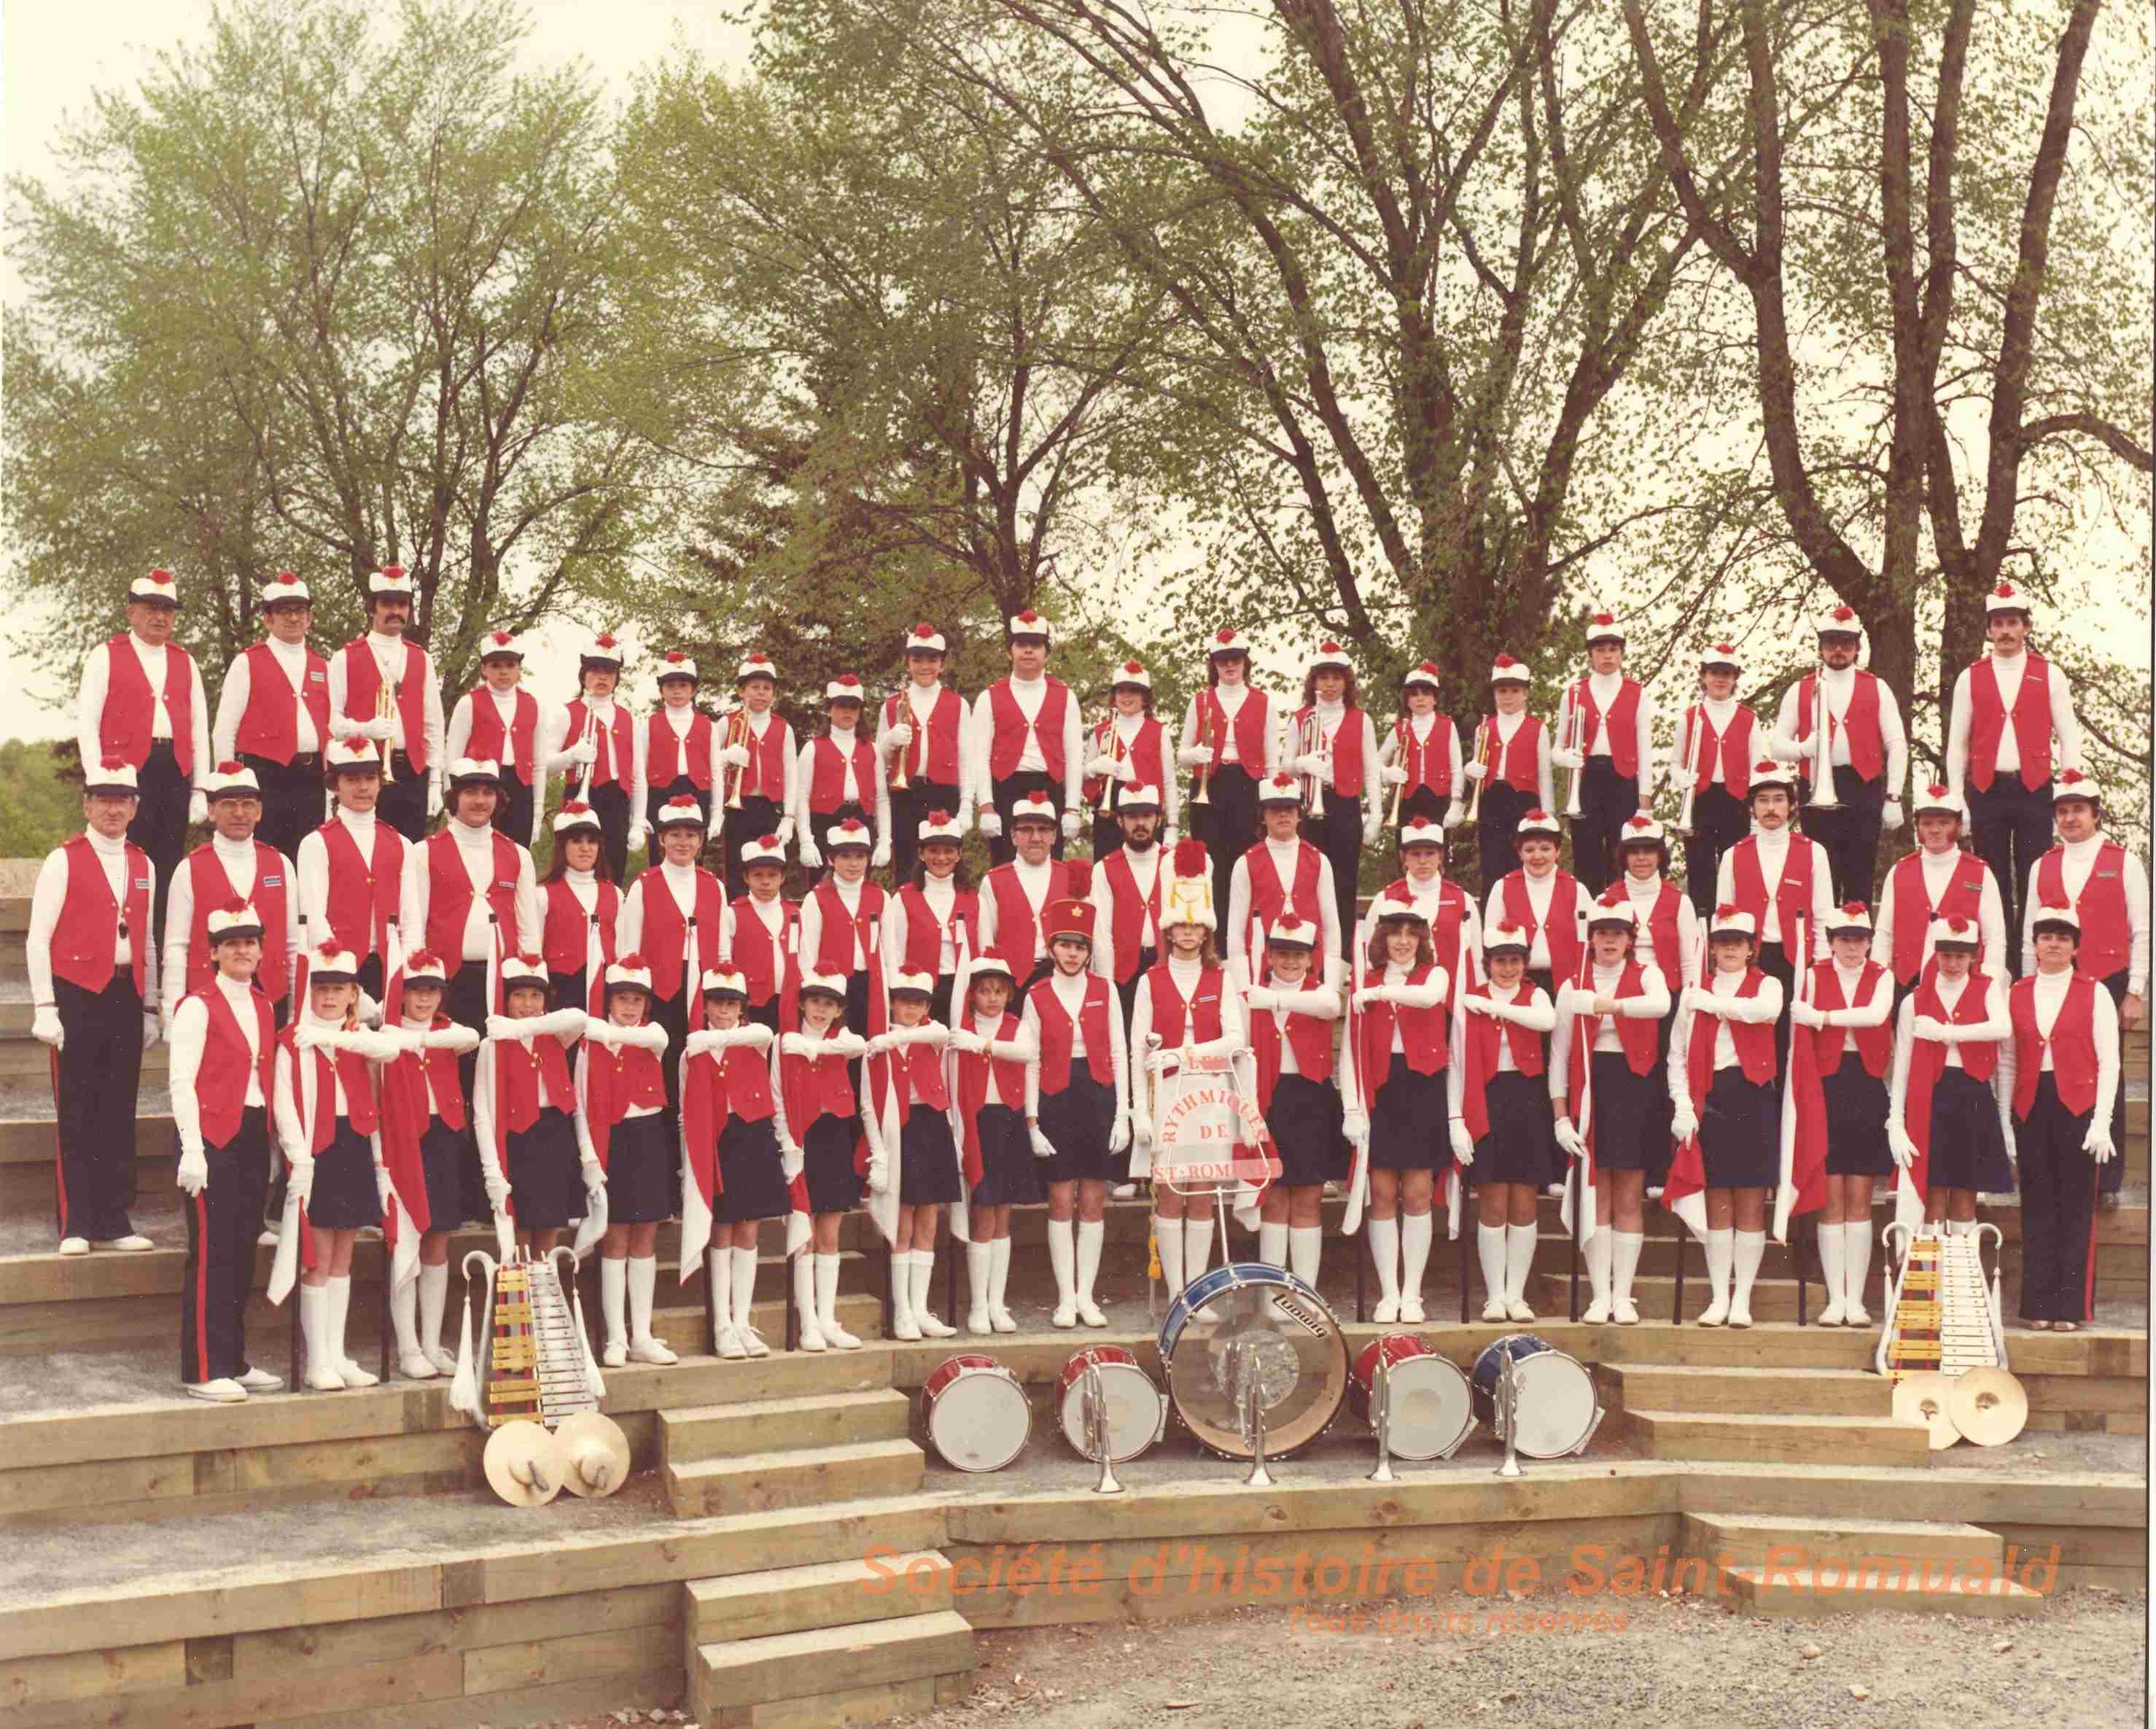 1984. Rythmiques